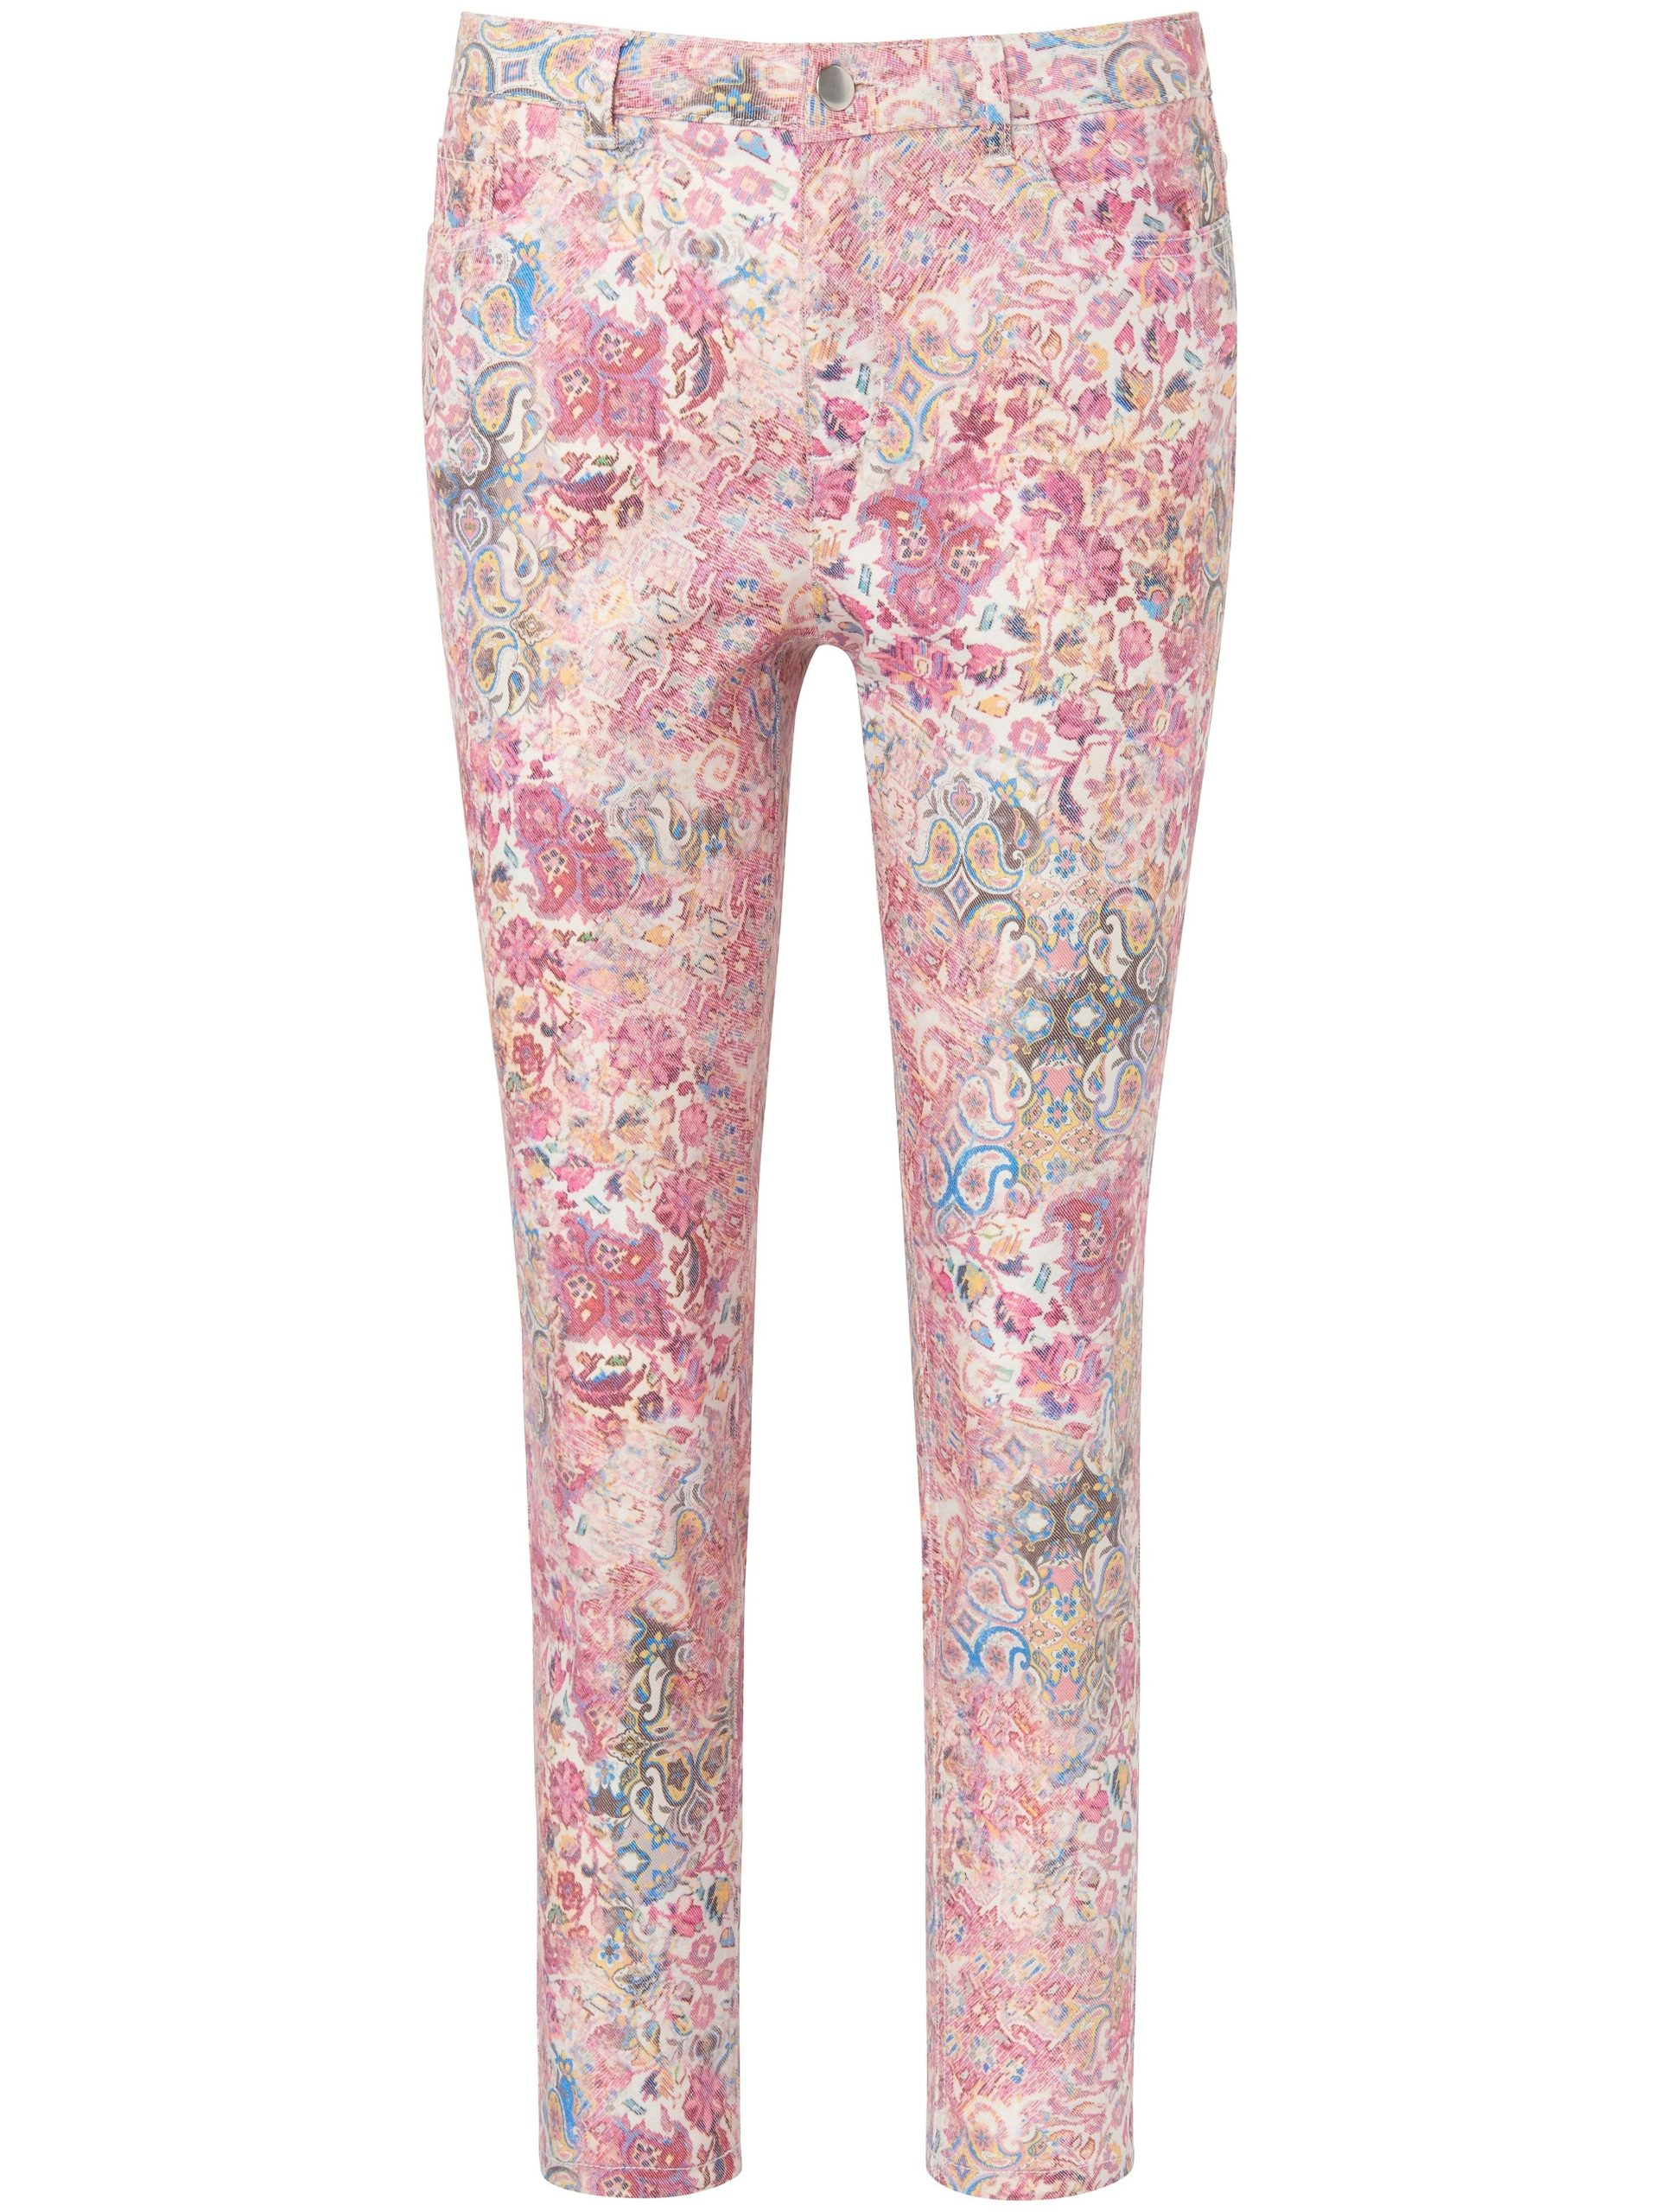 Enkellange broek met bloemenprint Van MYBC roze Kopen